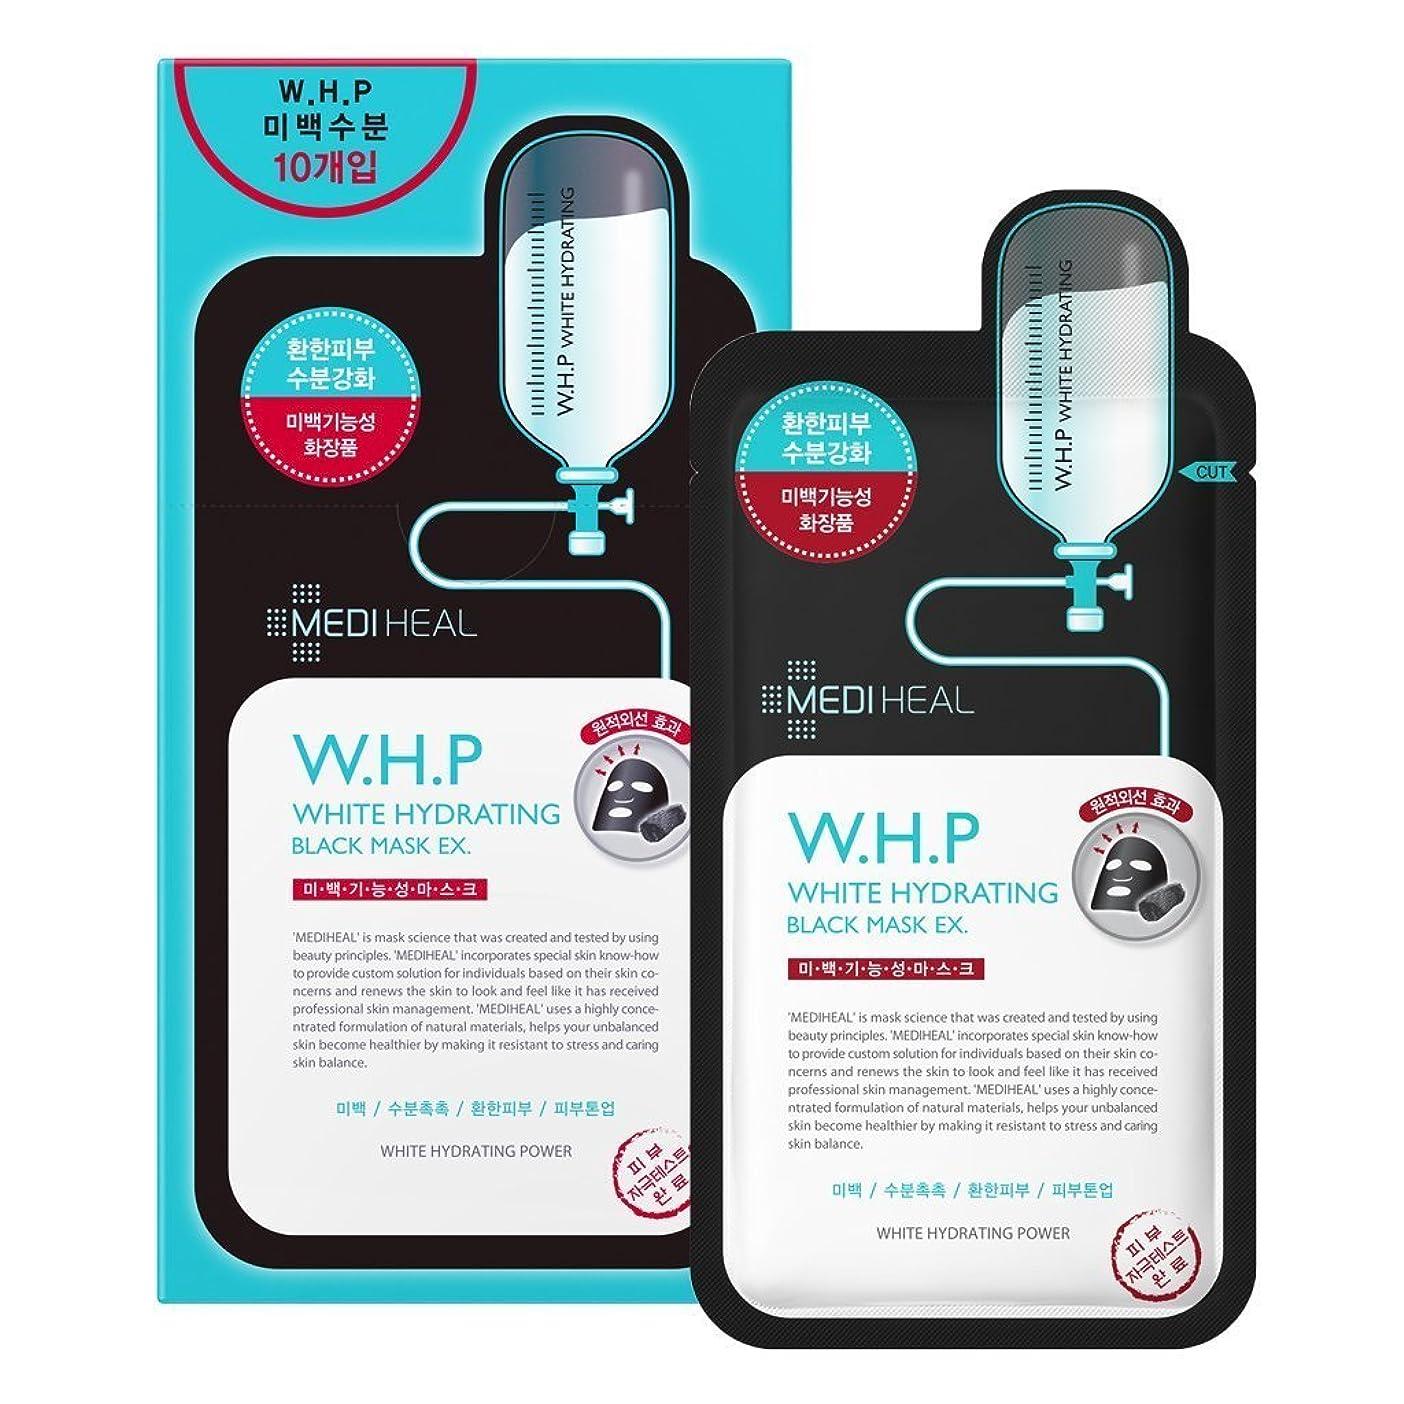 セーブいわゆる唯物論Mediheal WHP ホワイト ハイドレイティング ブラック マスク EX 25mL x10枚 [並行輸入品]